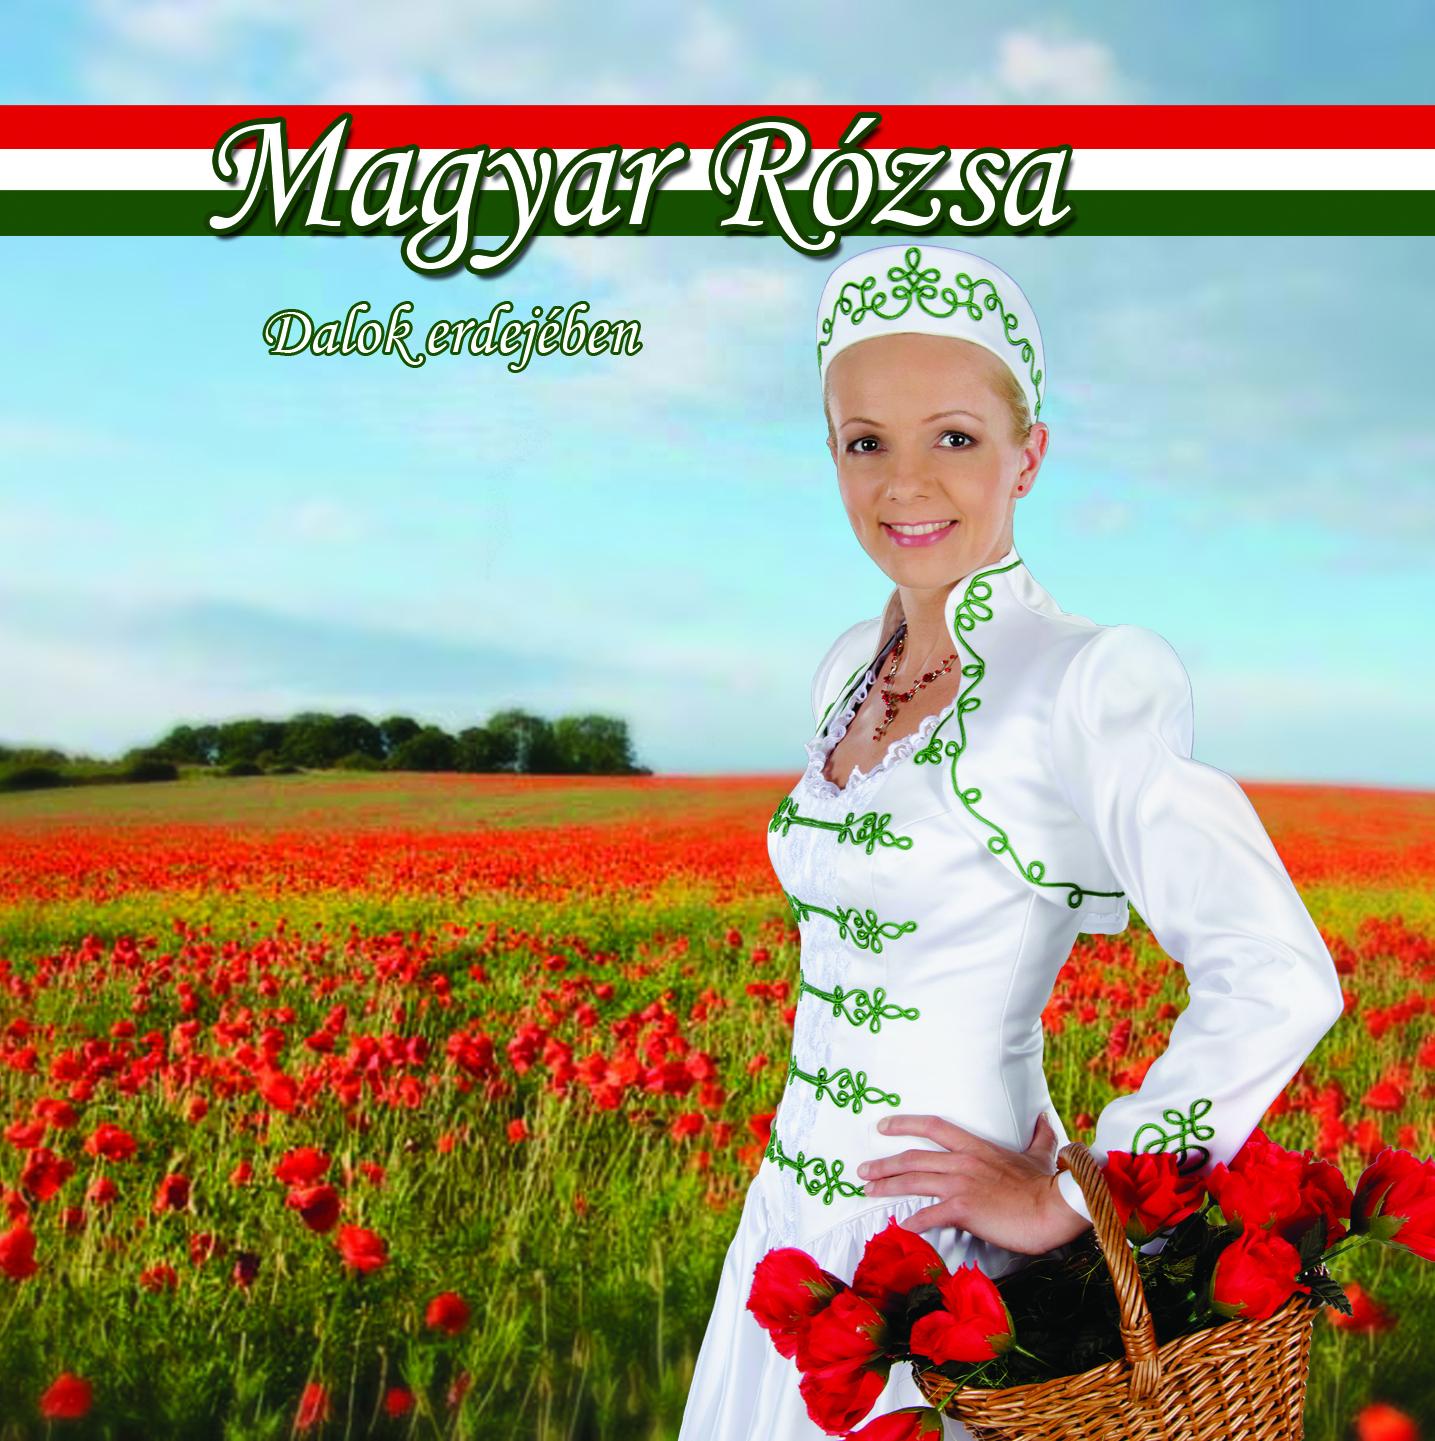 Magyar_rozsa